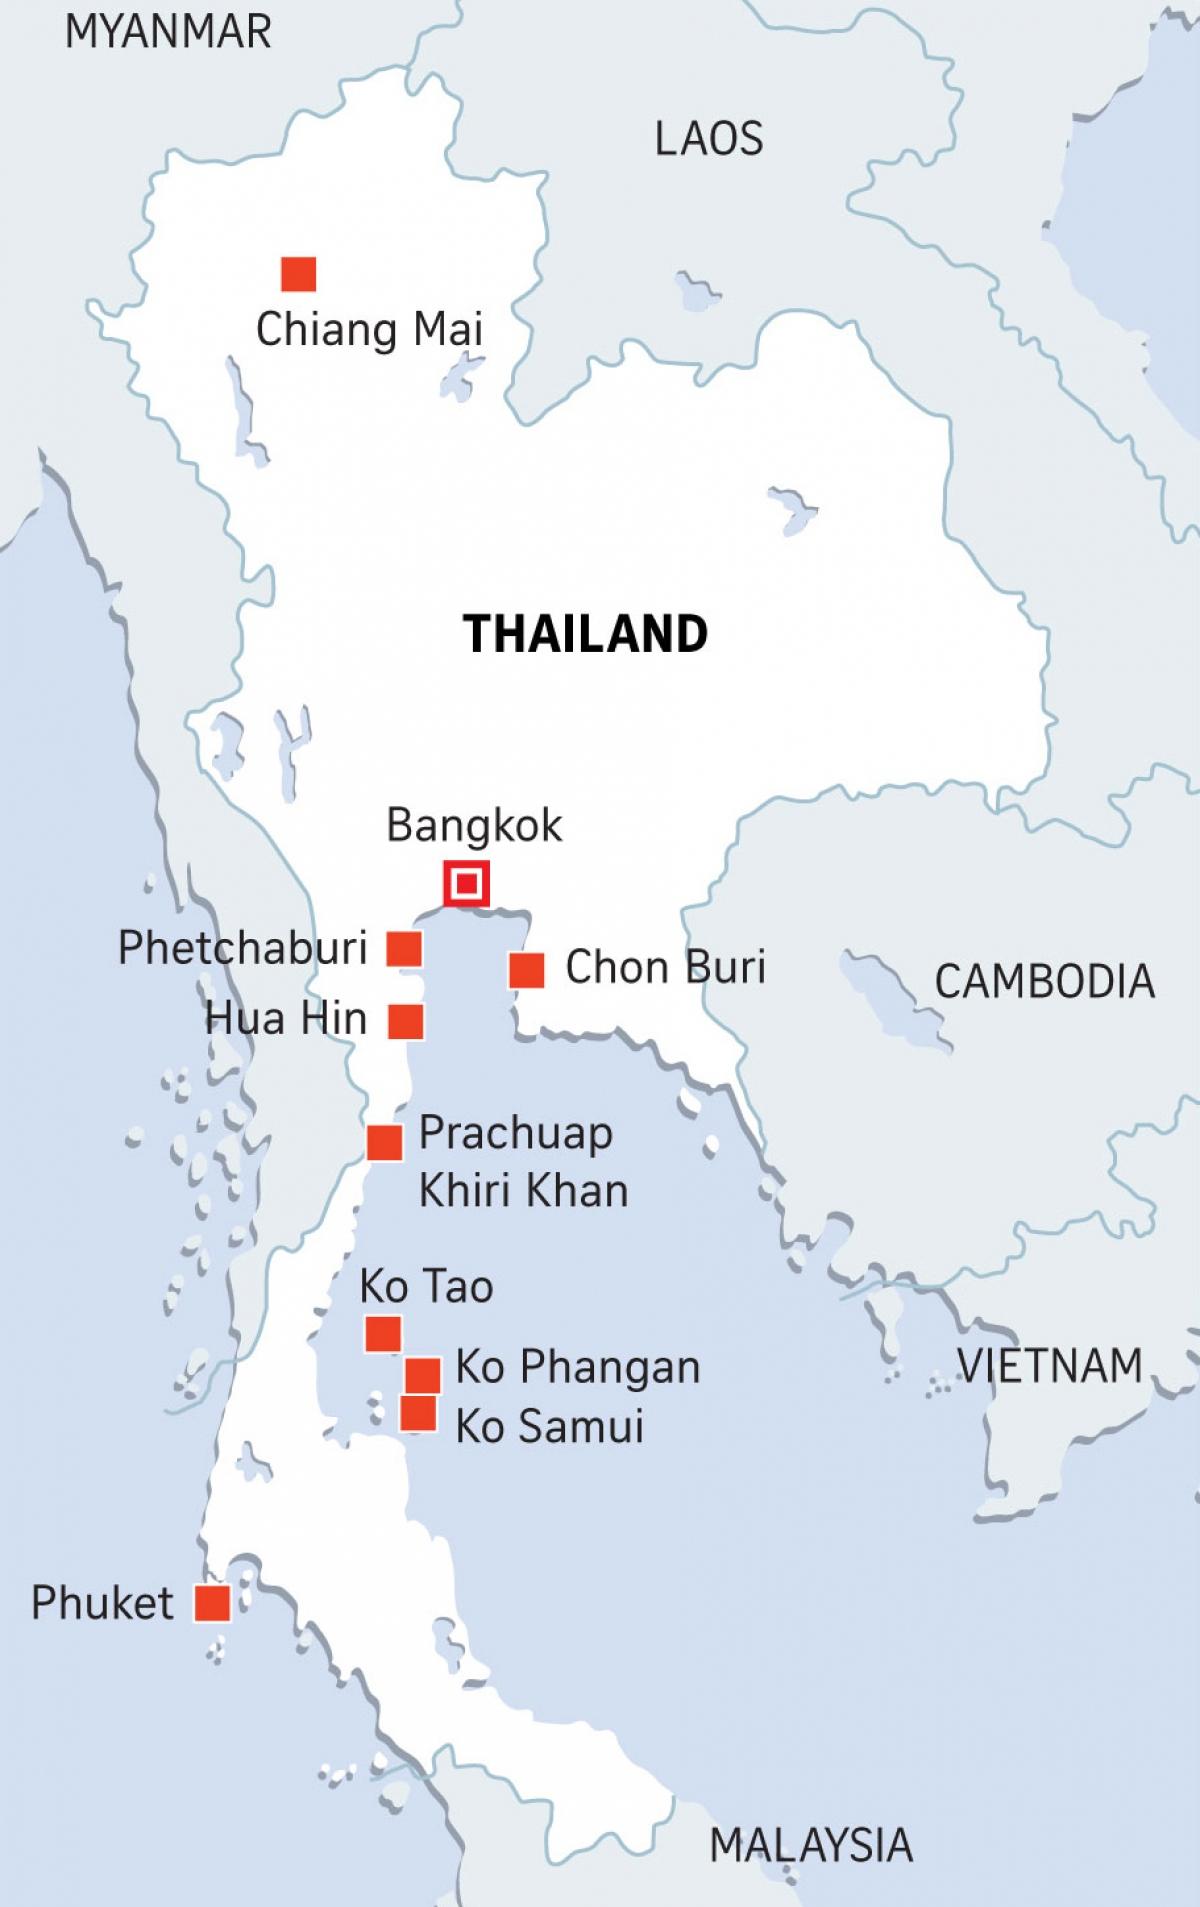 Các khu vực trong kế hoạch mở cửa du lịch quốc tế của Thái Lan, mở đầu là Phuket. Nguồn: Straits Times